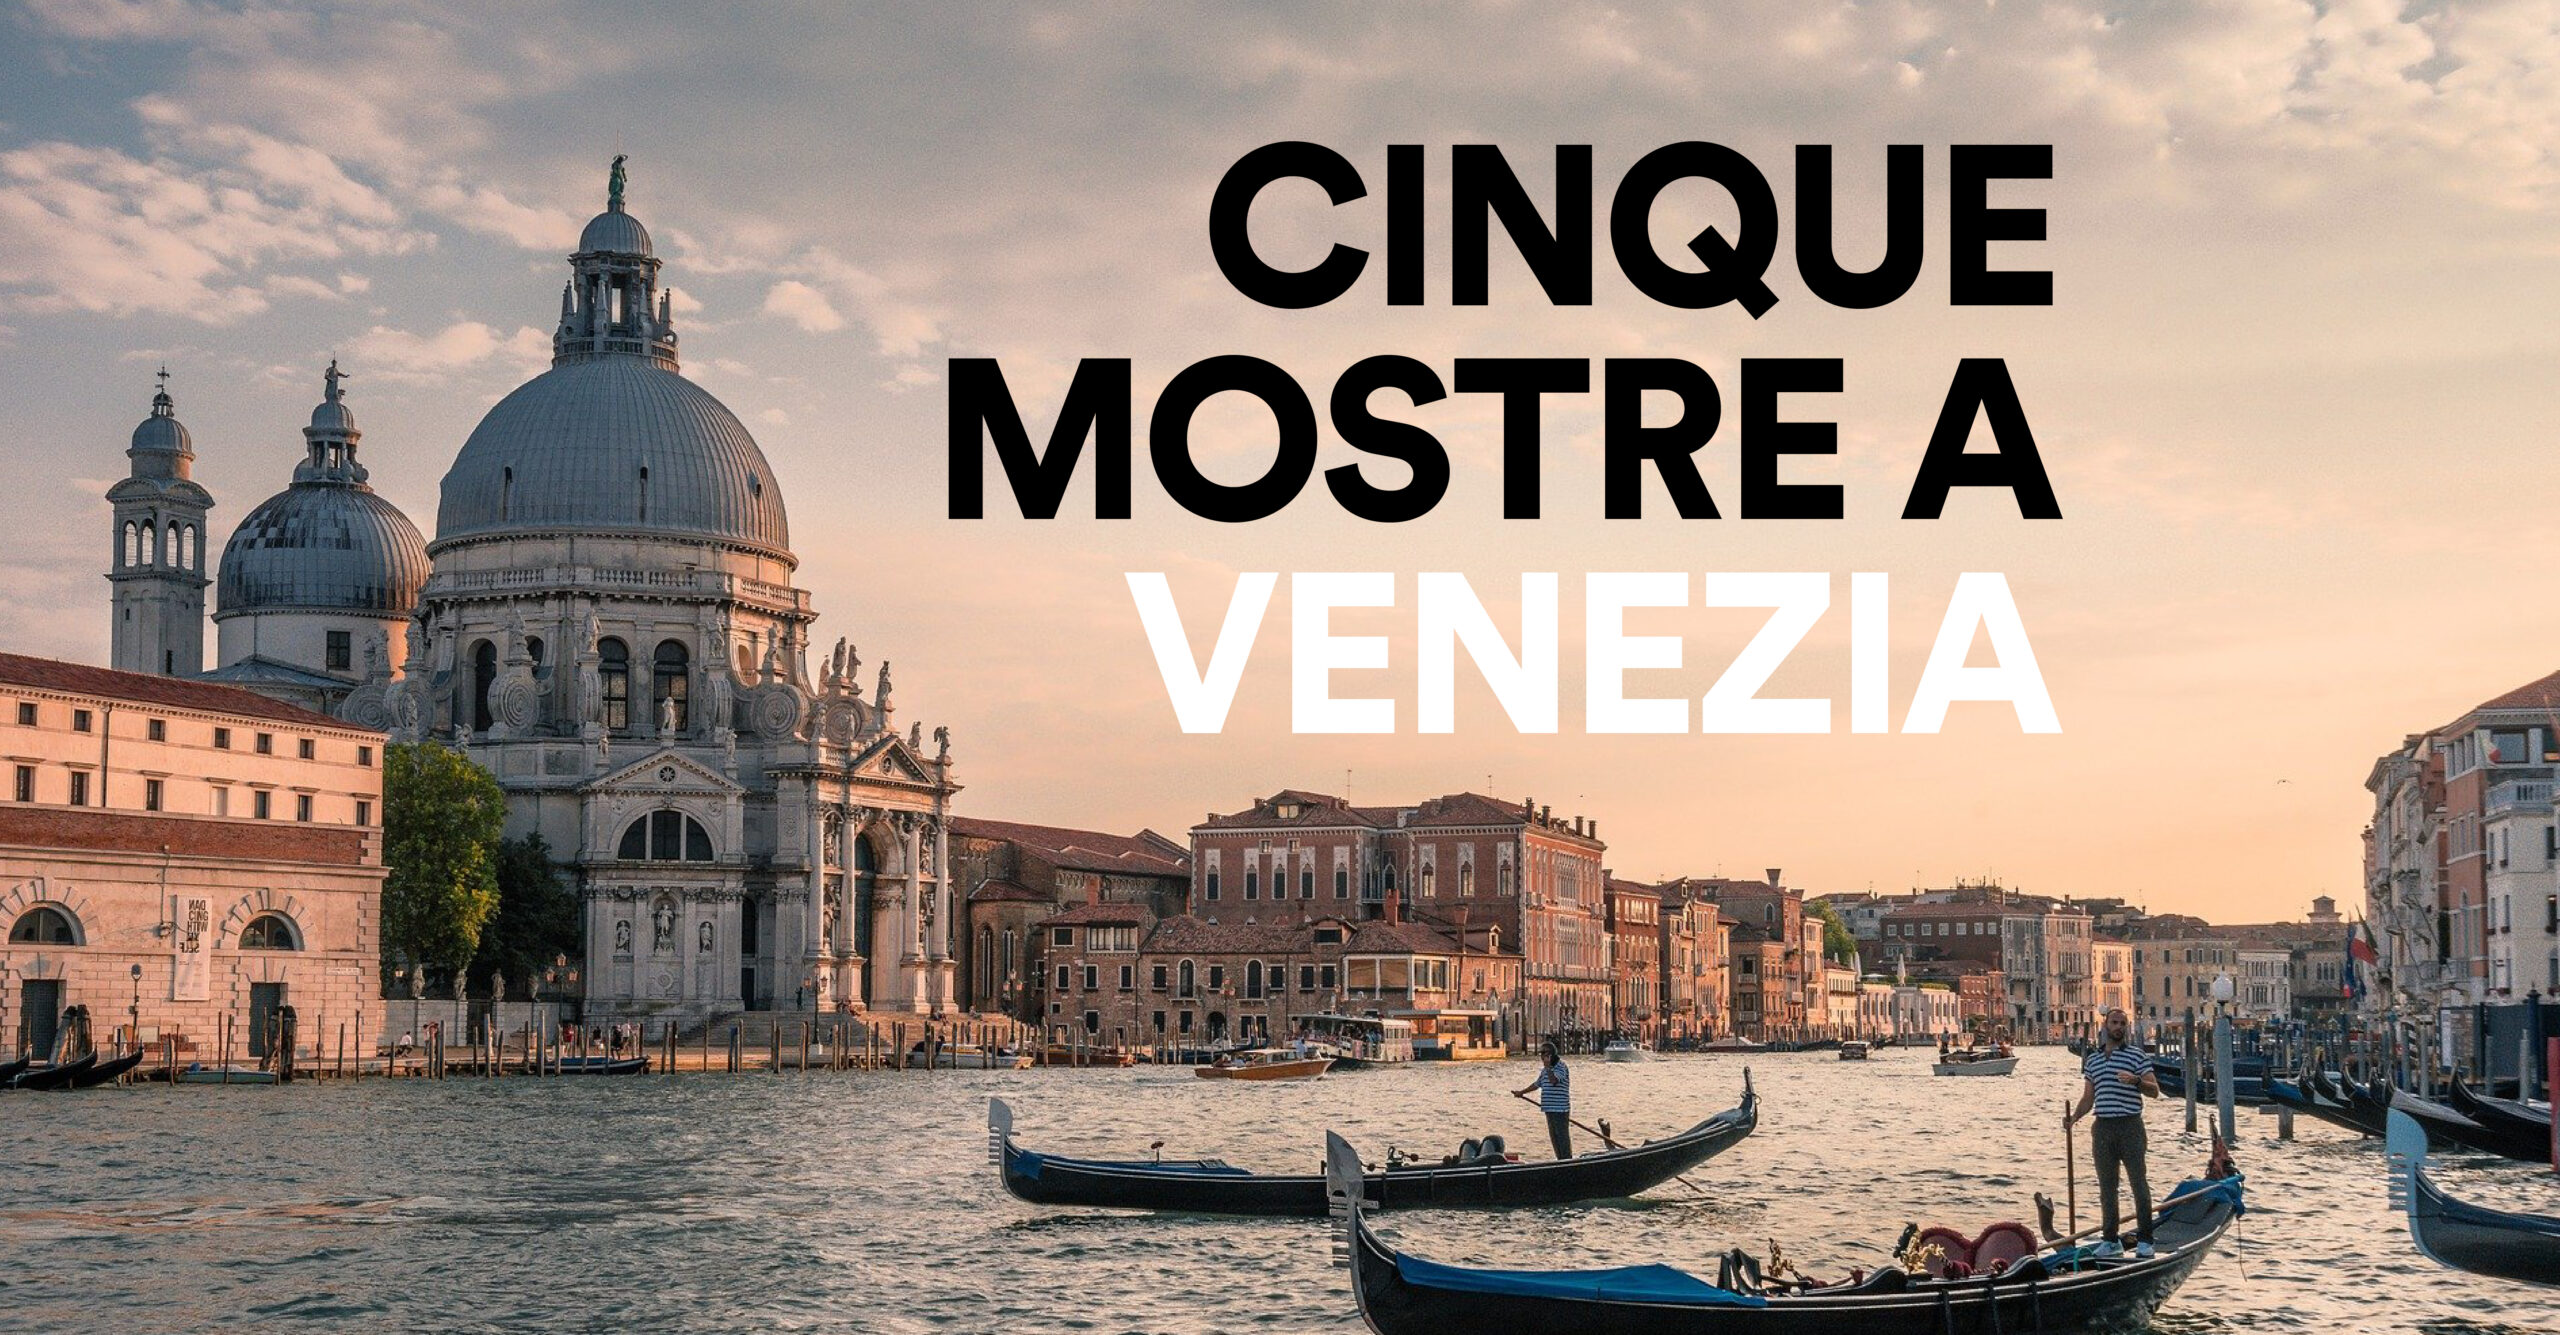 Cinque Mostre A Venezia